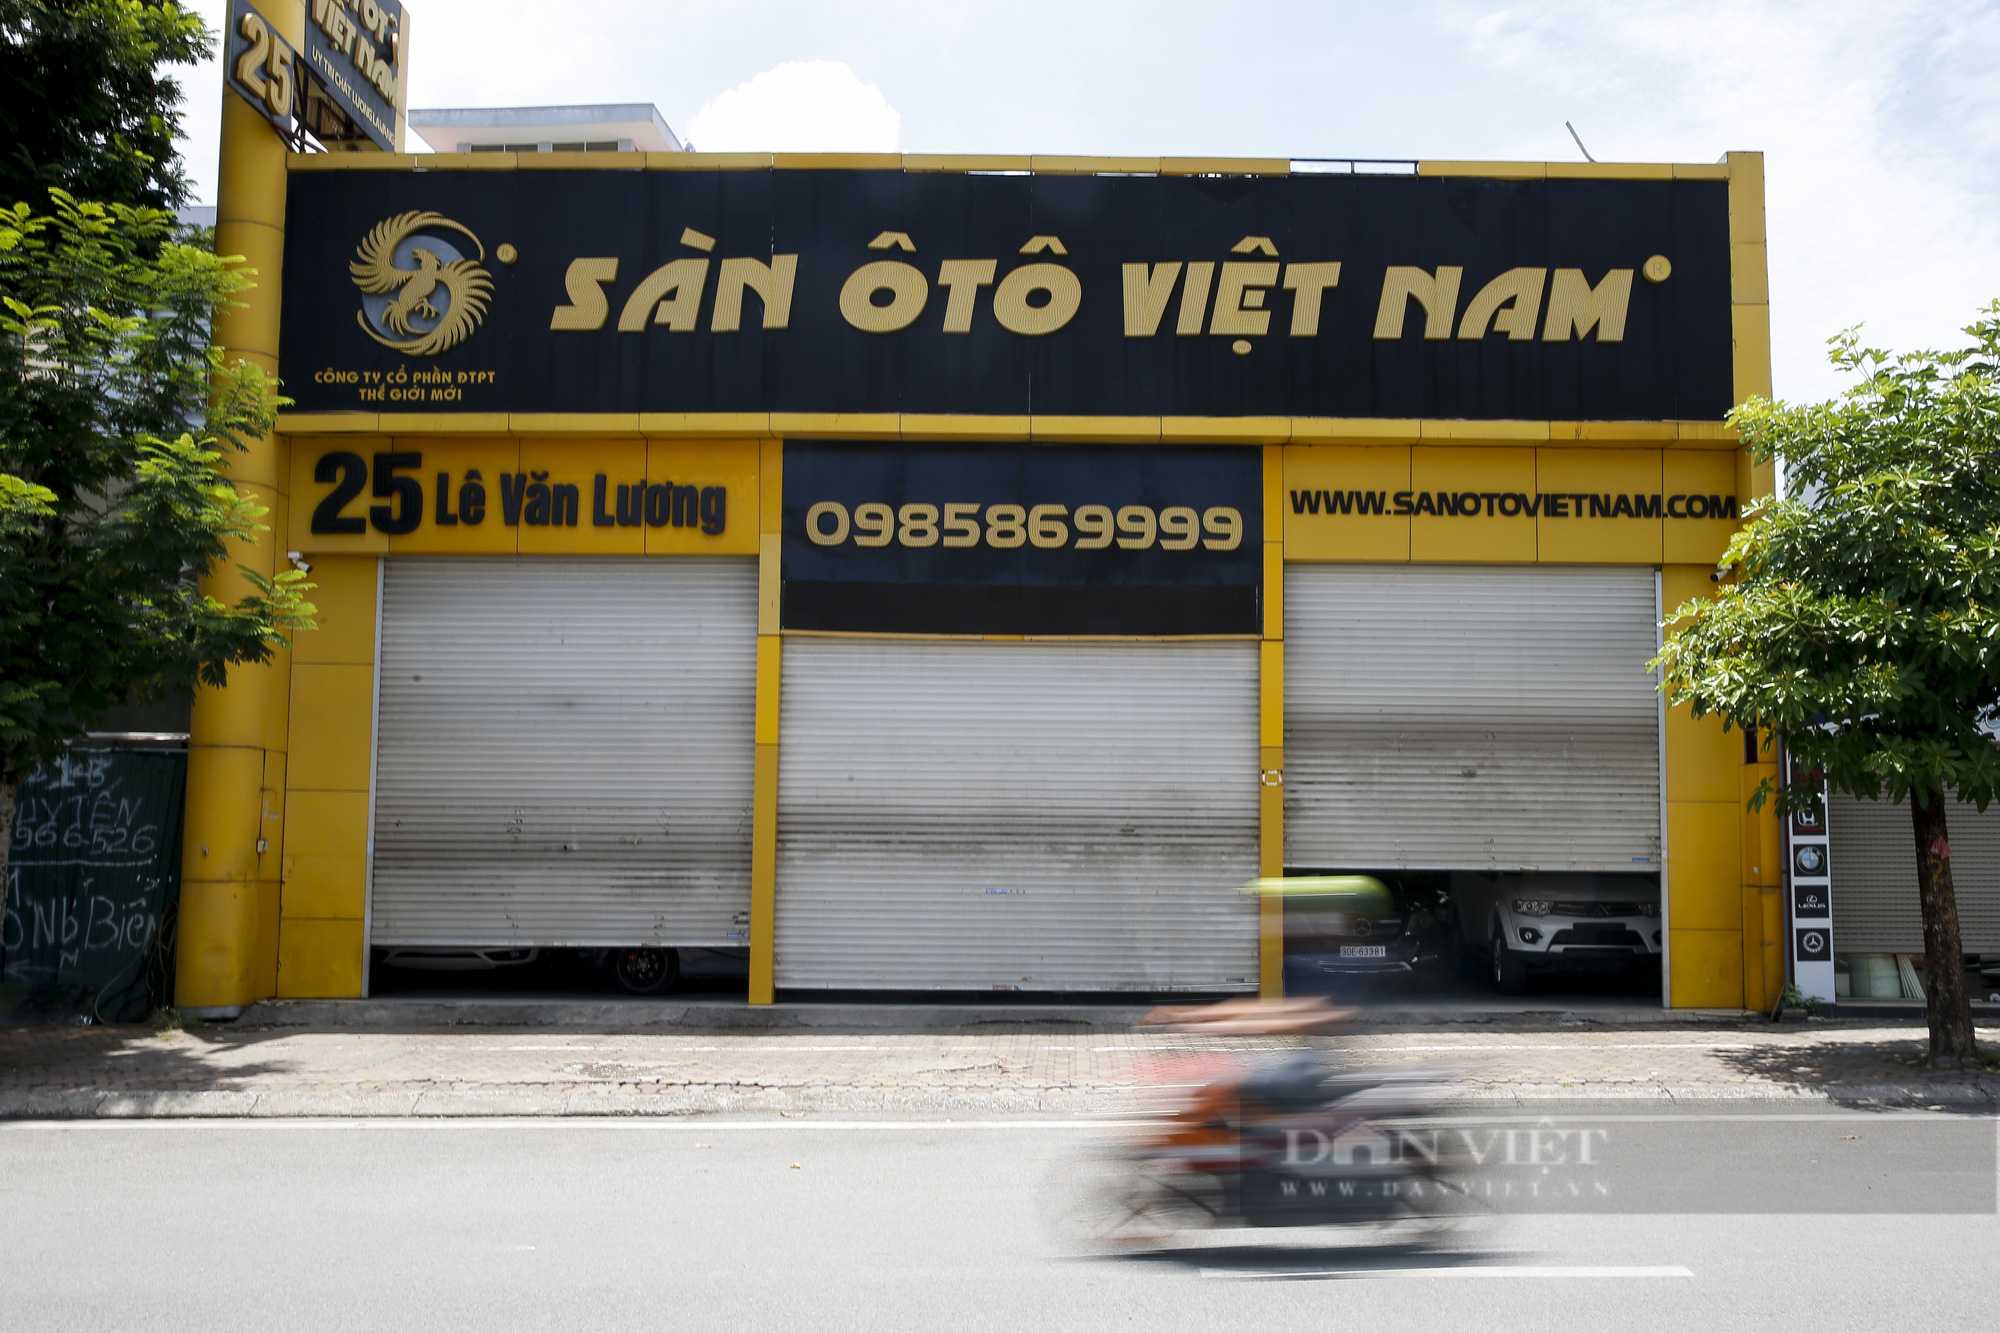 Hàng loạt showroom ô tô tại Hà Nội 'cửa đóng then cài' vì dịch Covid-19 - Ảnh 6.